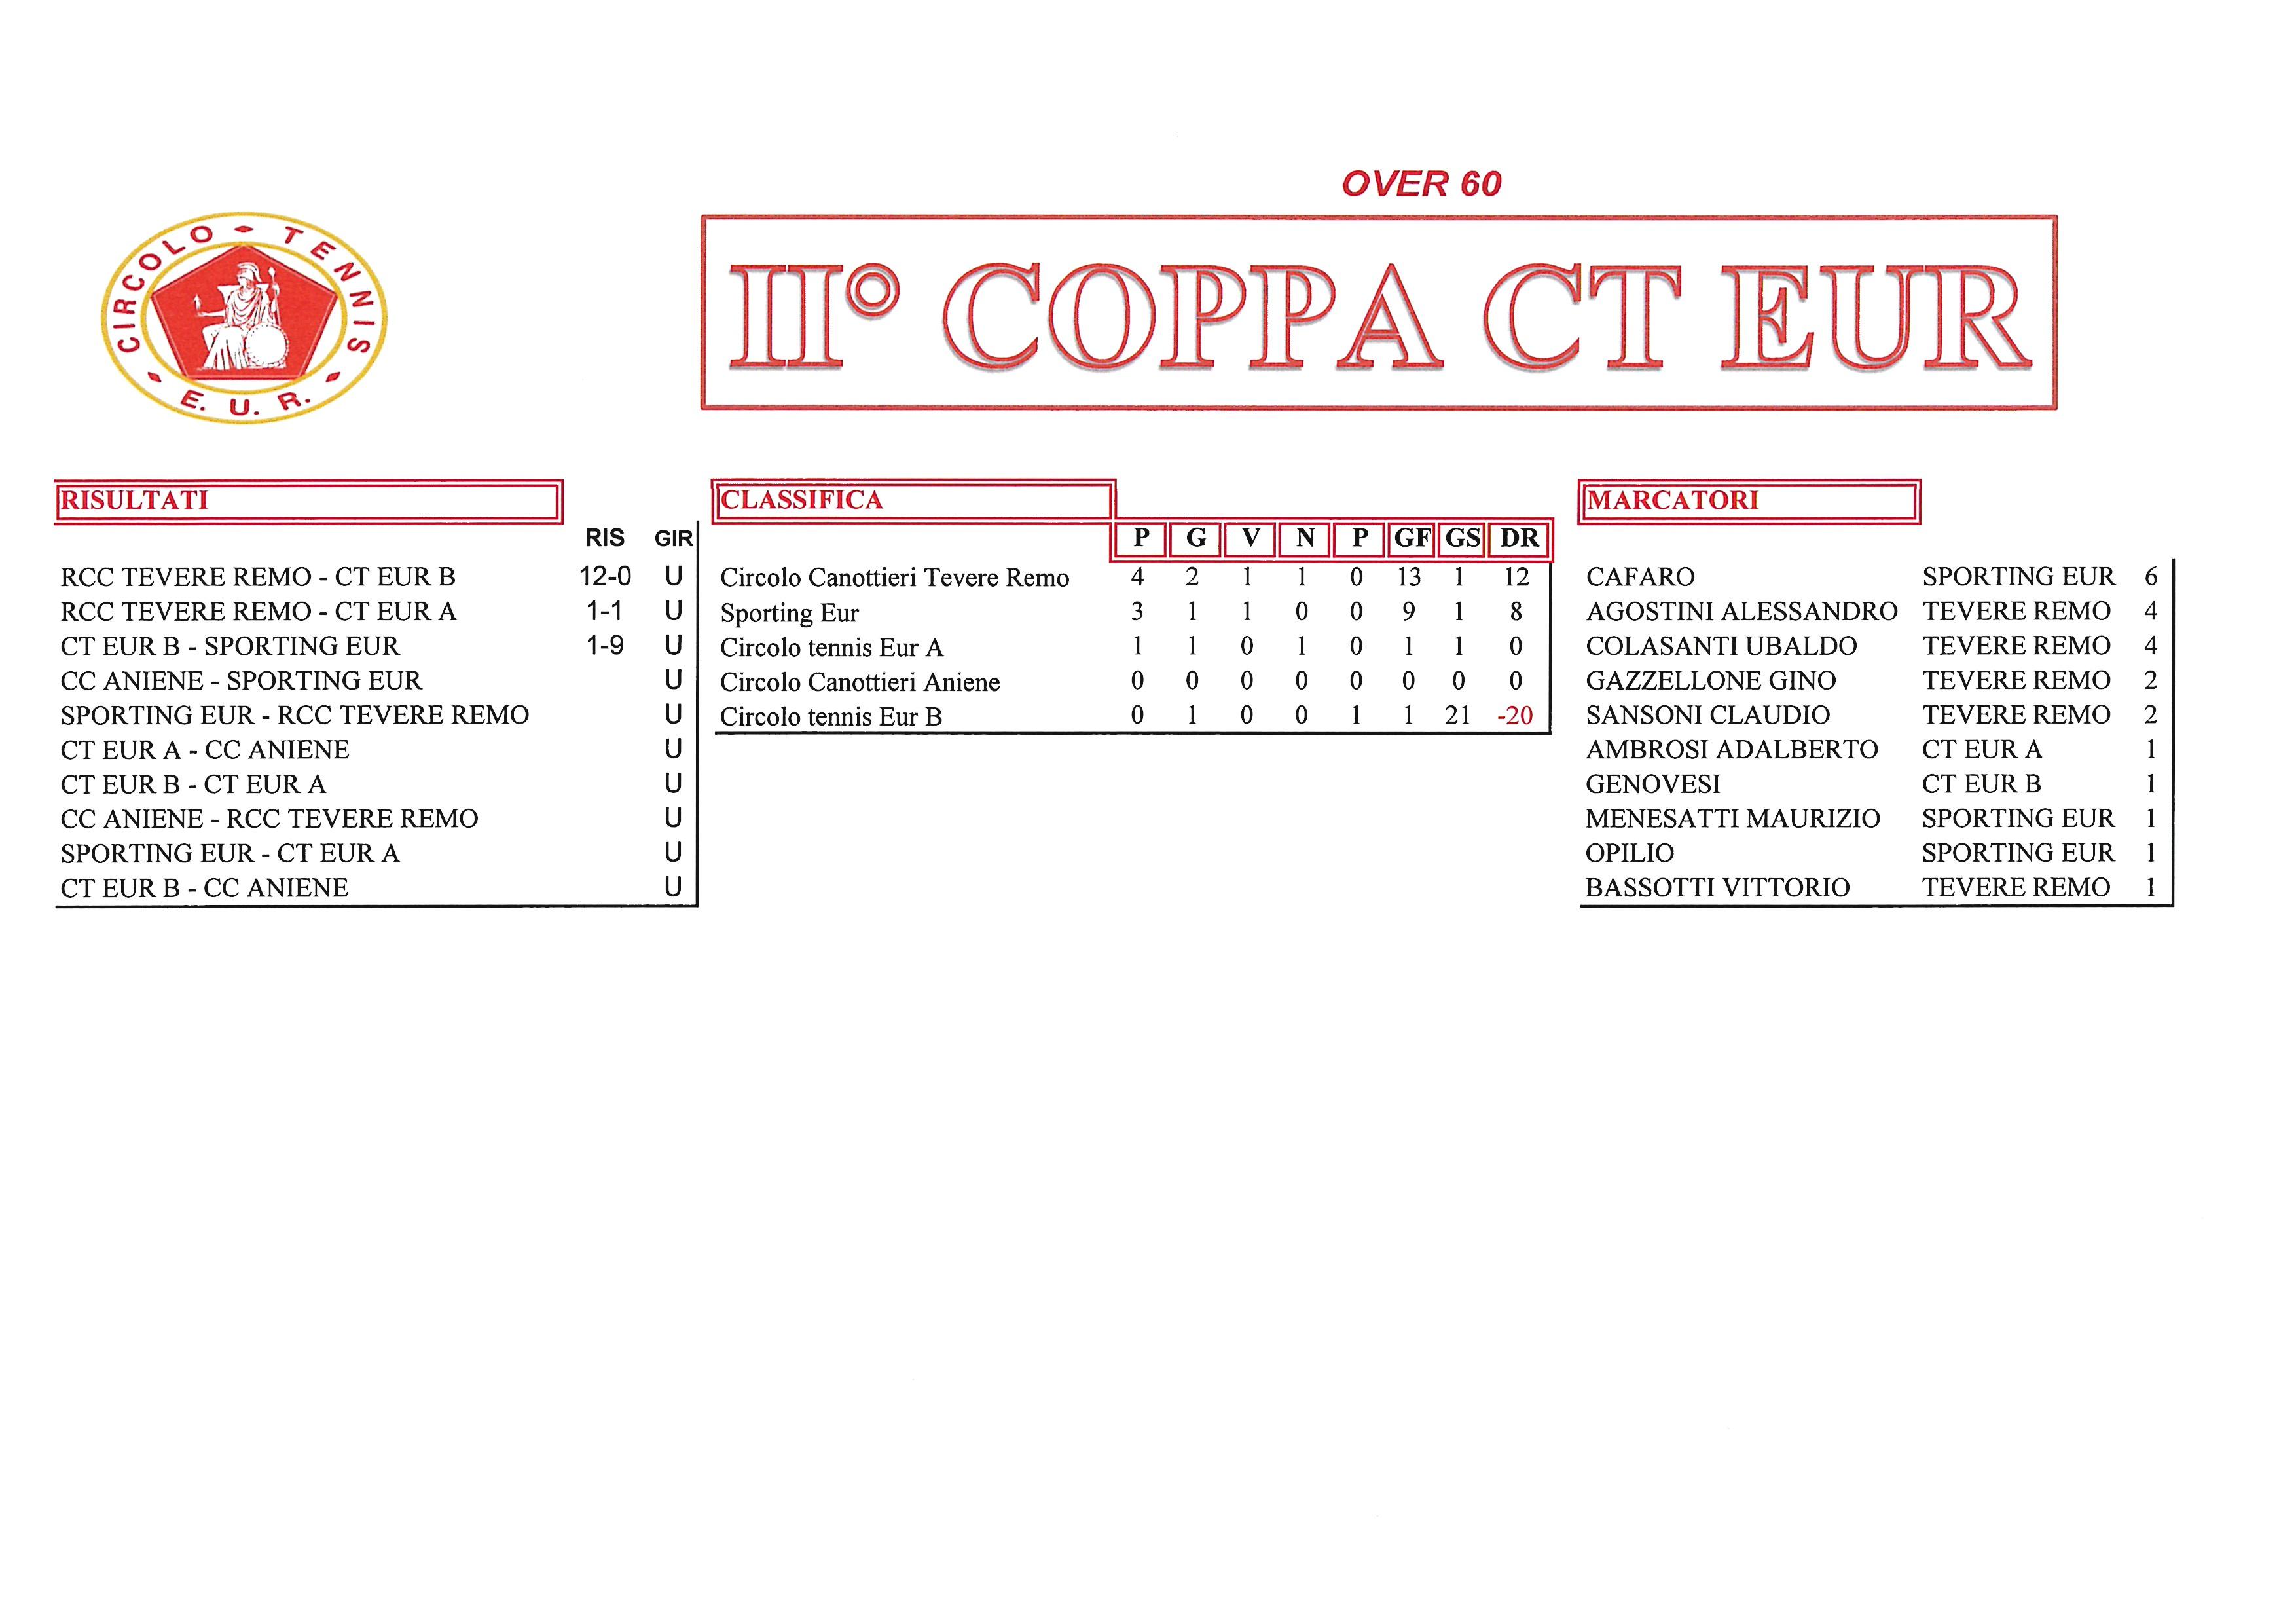 Coppa CT Eur risultati del 21 settembre2017 over 60